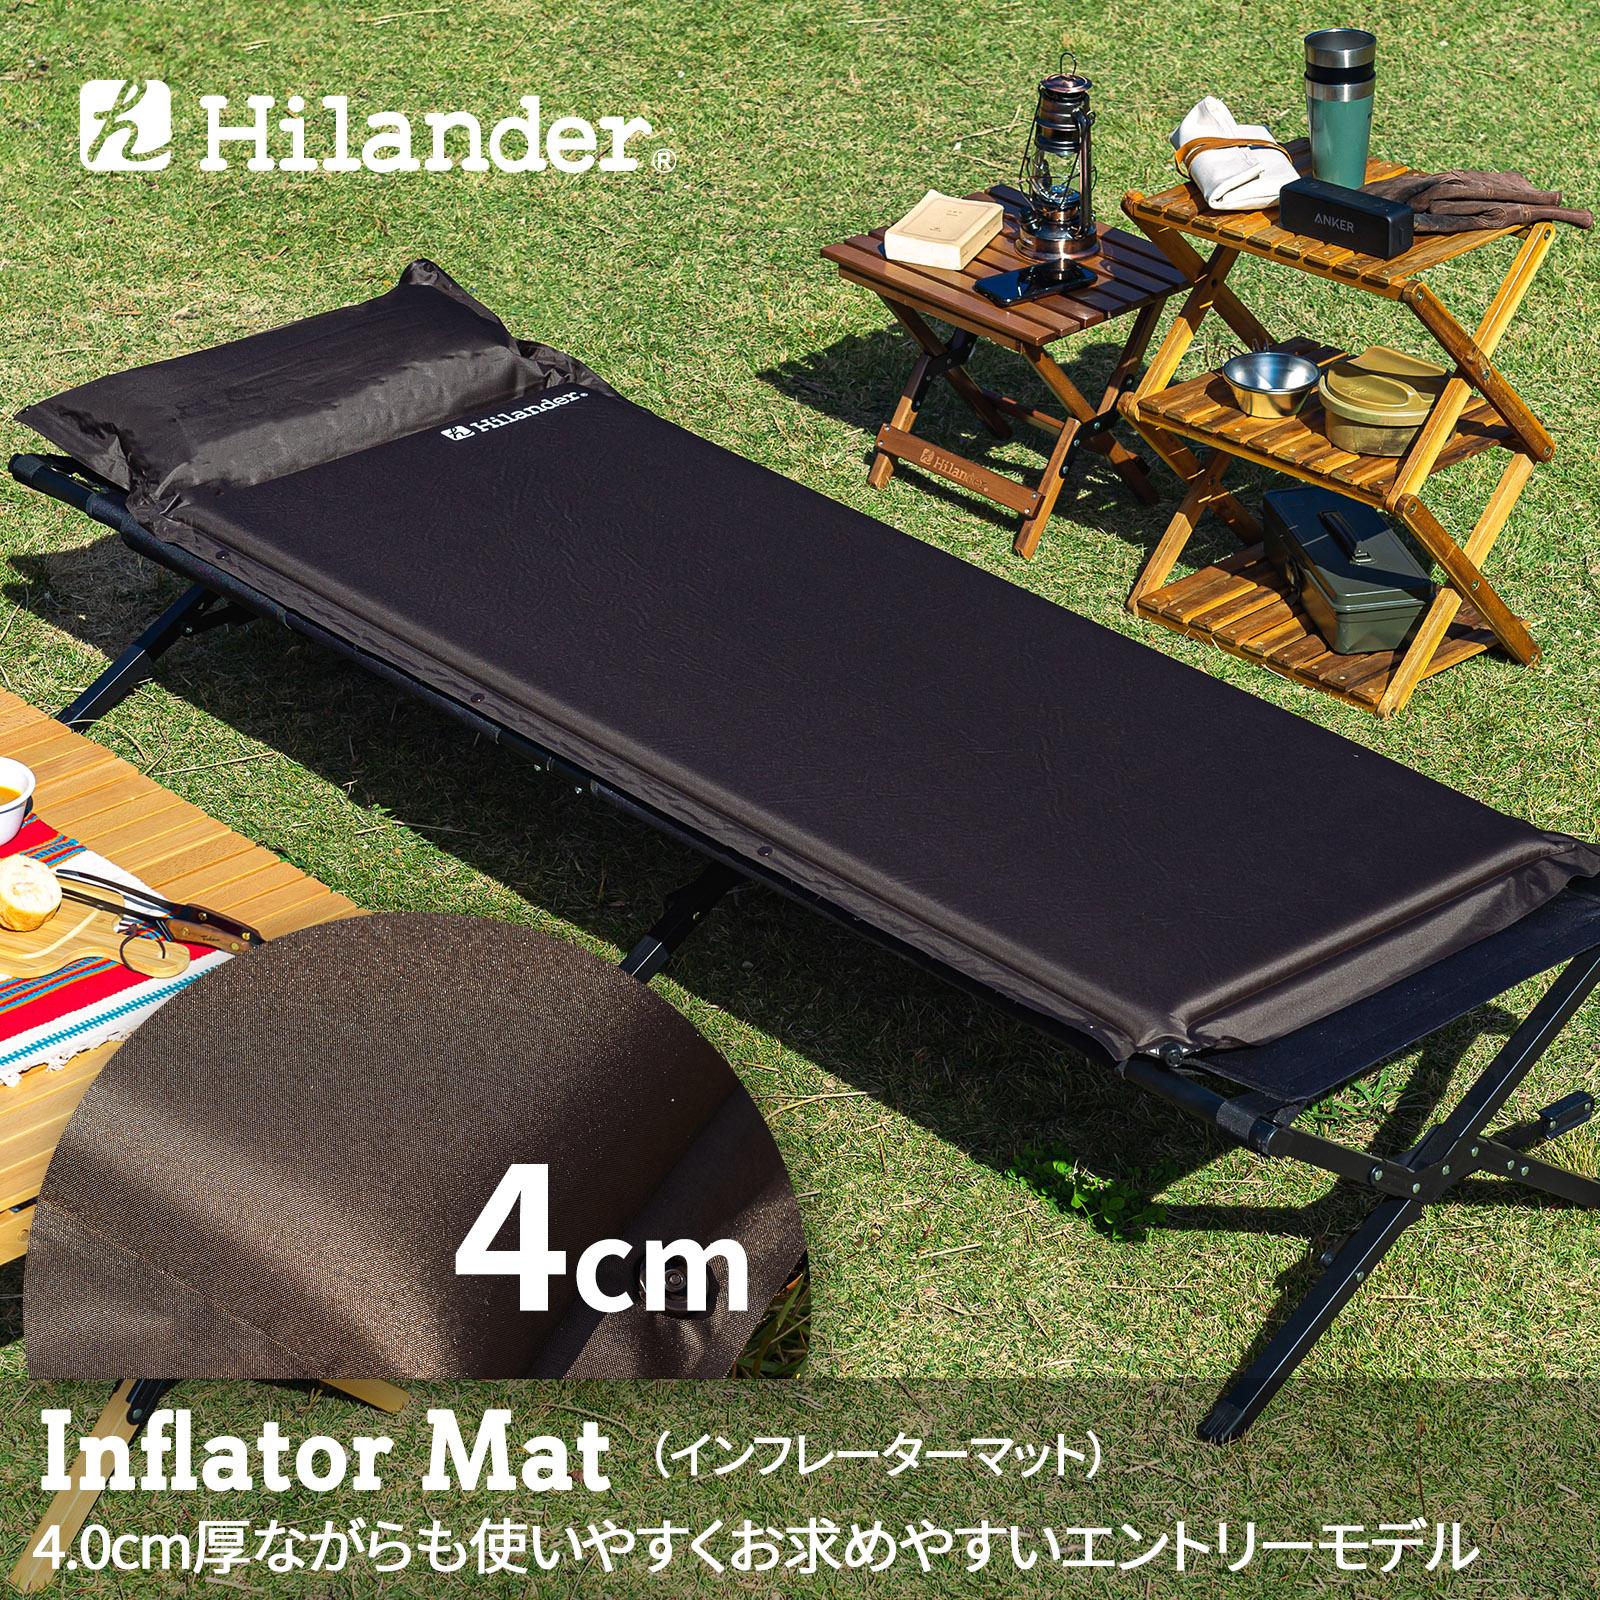 インフレーターマット(枕付きタイプ) 4.0cm シングル ブラウン